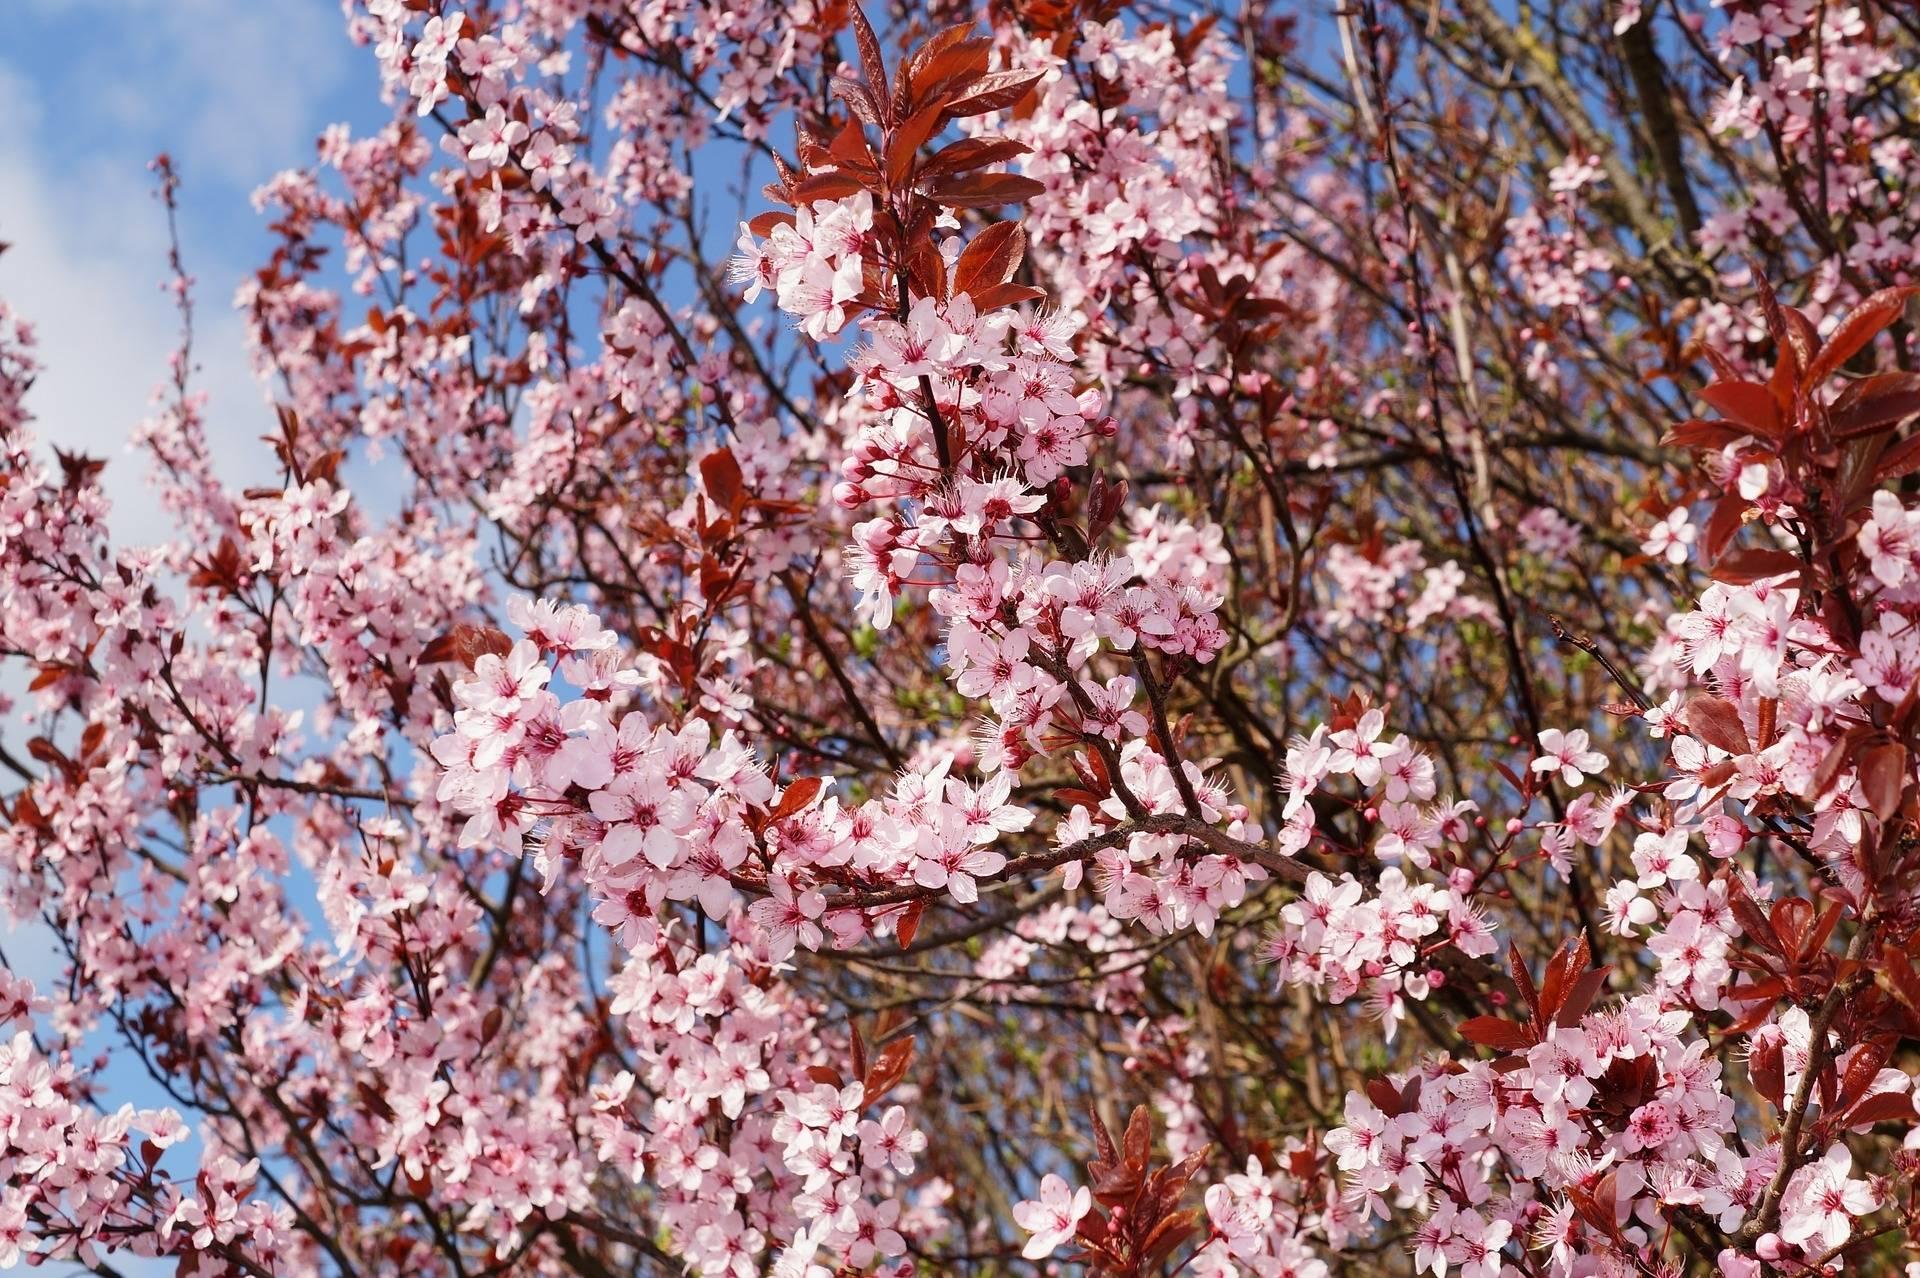 Sierkers Struikvorm Prunus cerasifera 'Nigra'